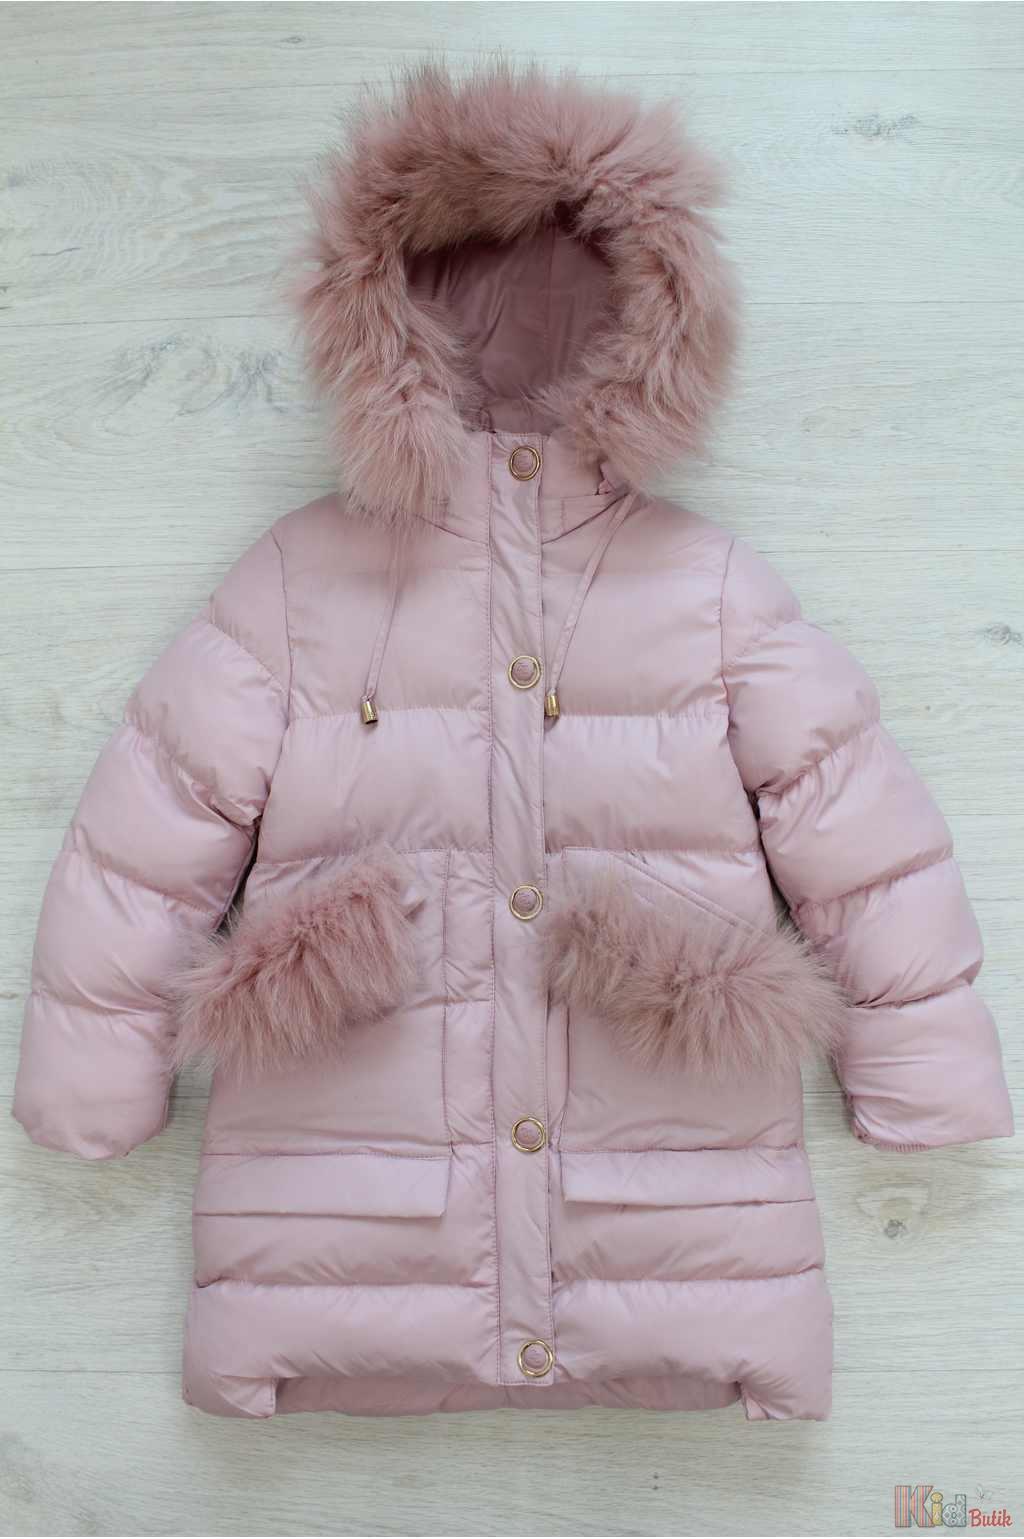 Куртка зимова подовжена рожевого кольору для дівчинки Zuzzi И18-31Рз(7714)  ... d1d09113249a5